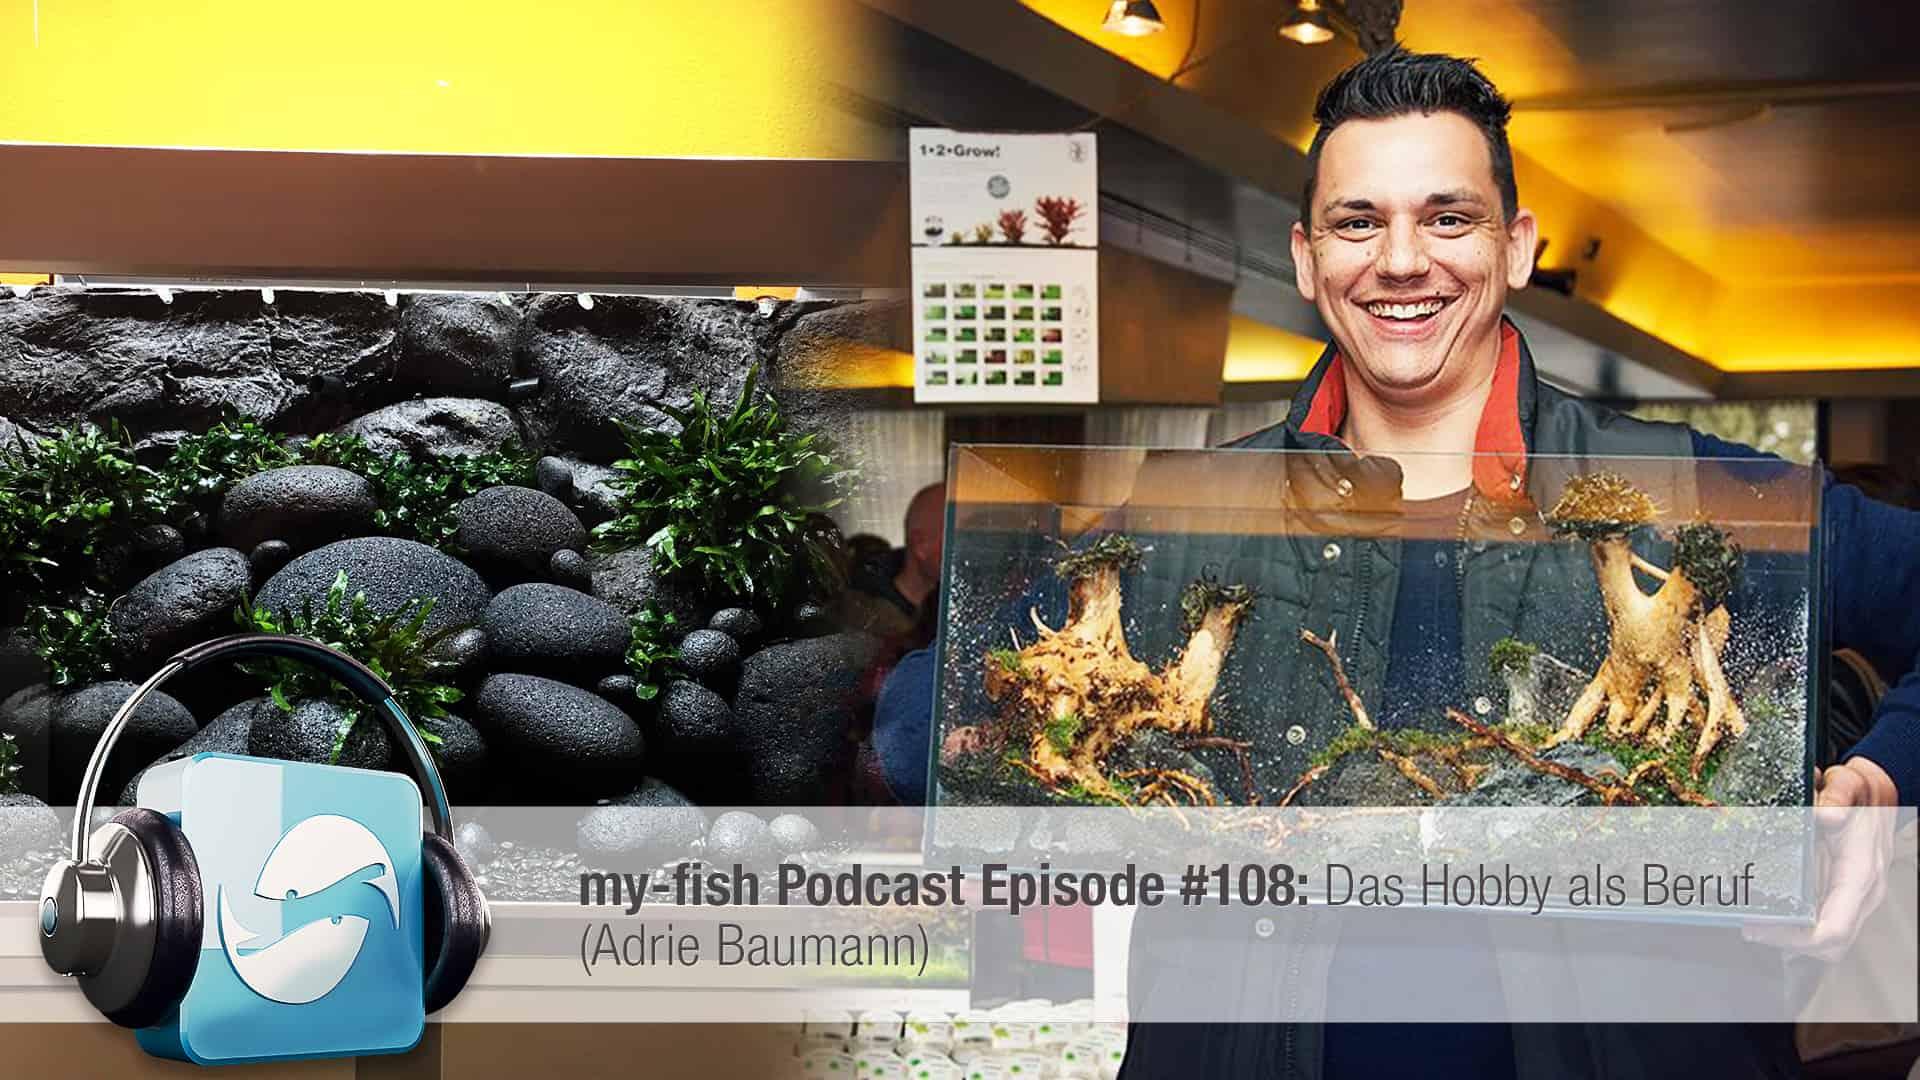 Podcast Episode #108: Aquascaper - Das Hobby als Beruf (Adrie Baumann) 1